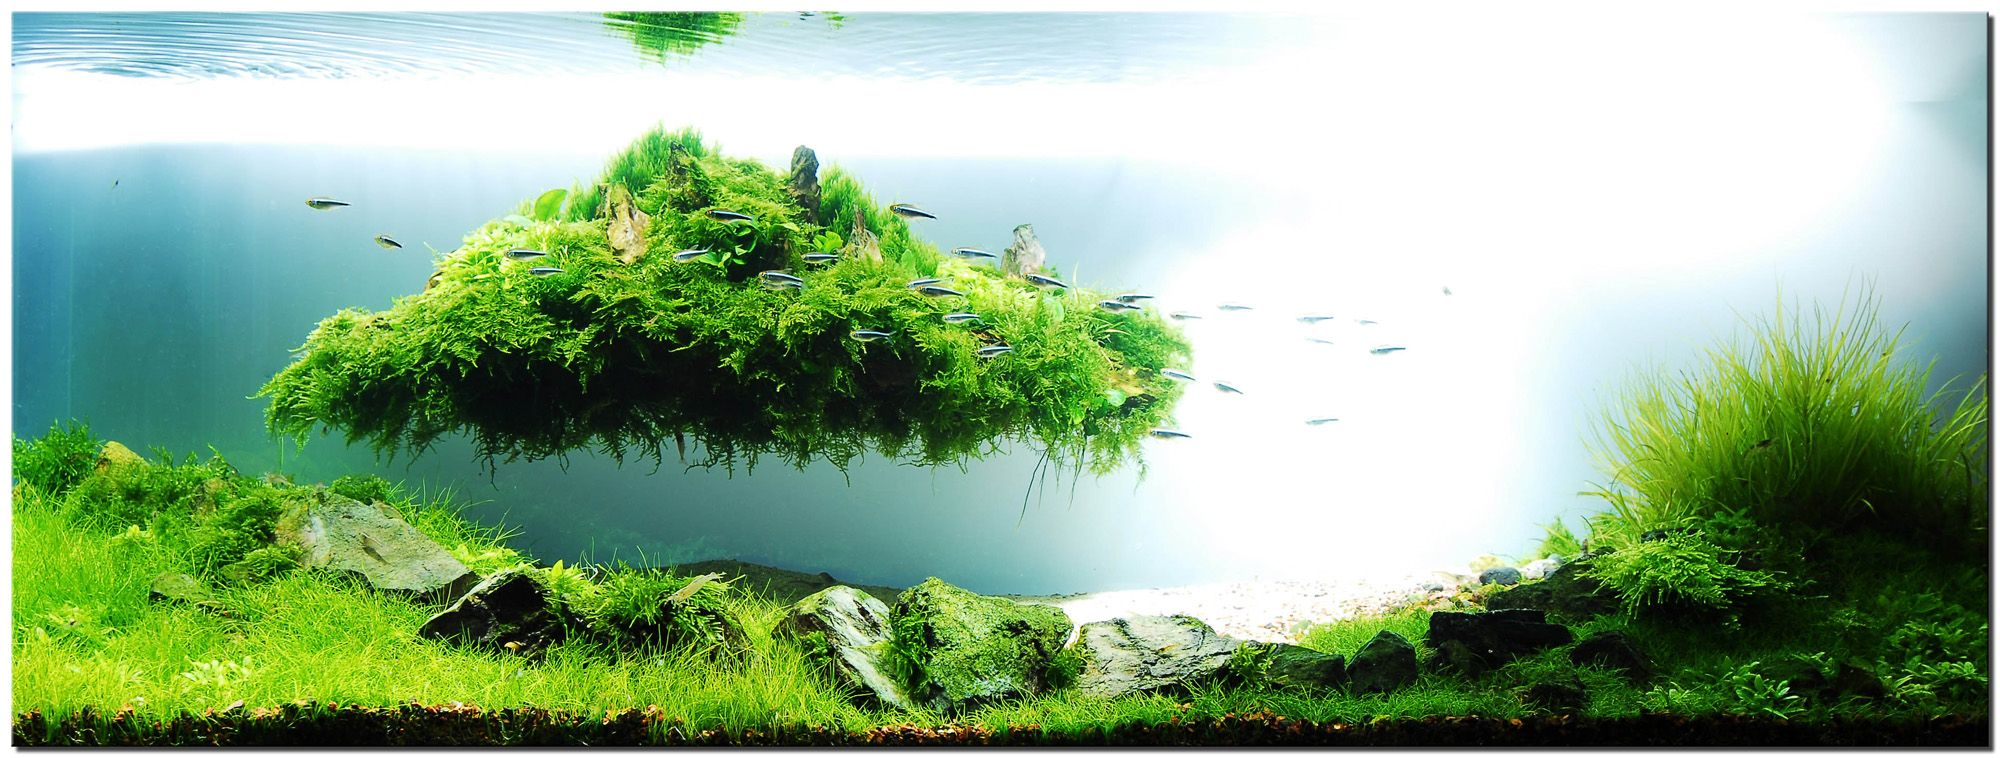 Awesome Aquascape Designs Aquarium Ideas Inspiration: Floating Grass And  Stoneu2026